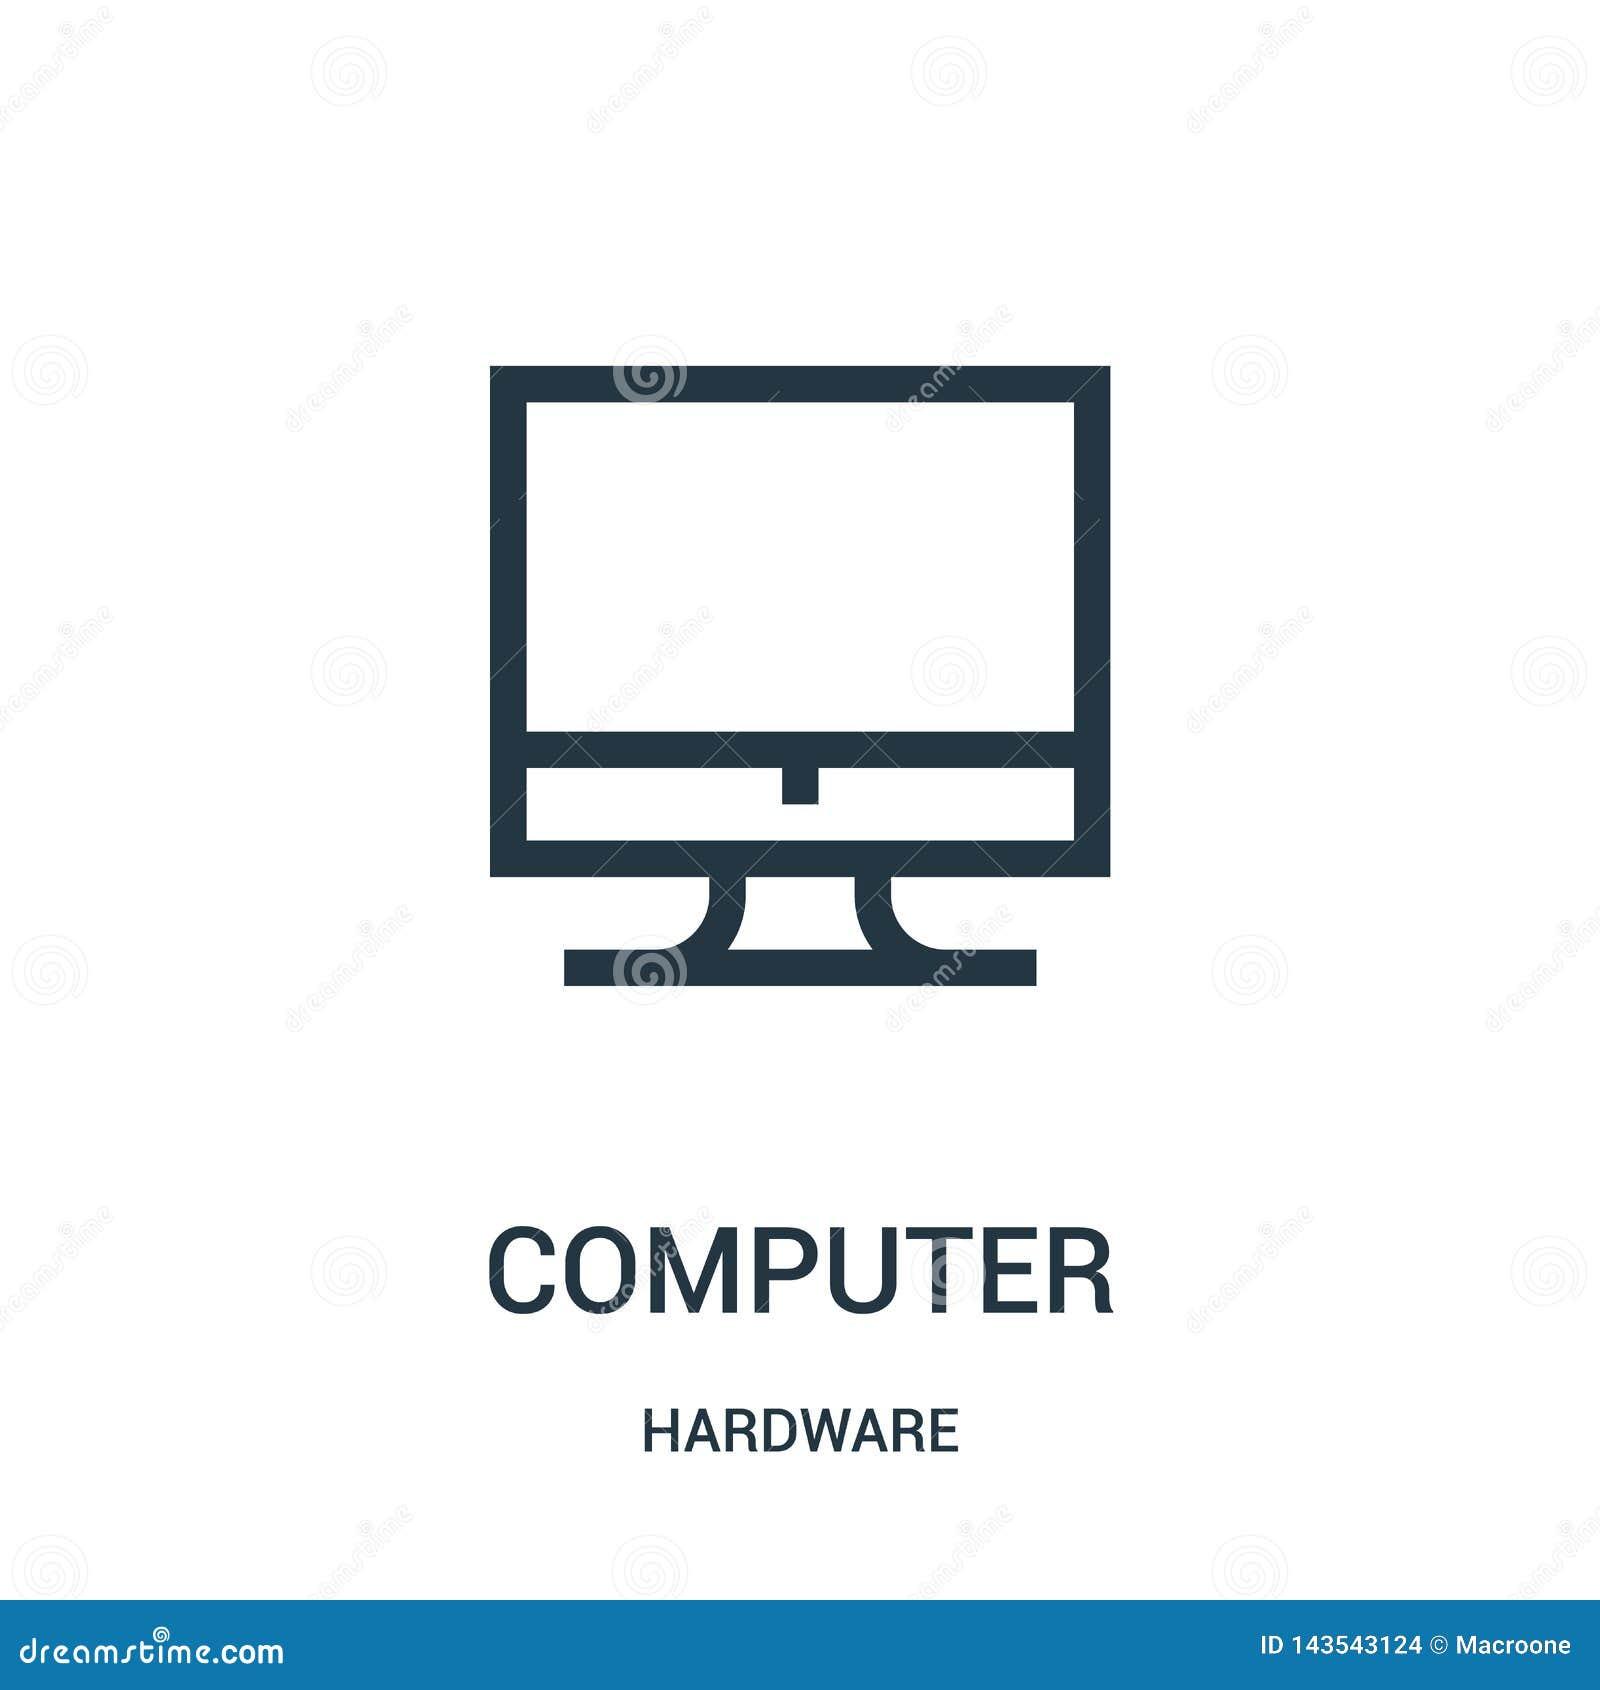 Vector del icono del ordenador de la colecci?n del hardware L?nea fina ejemplo del vector del icono del esquema del ordenador